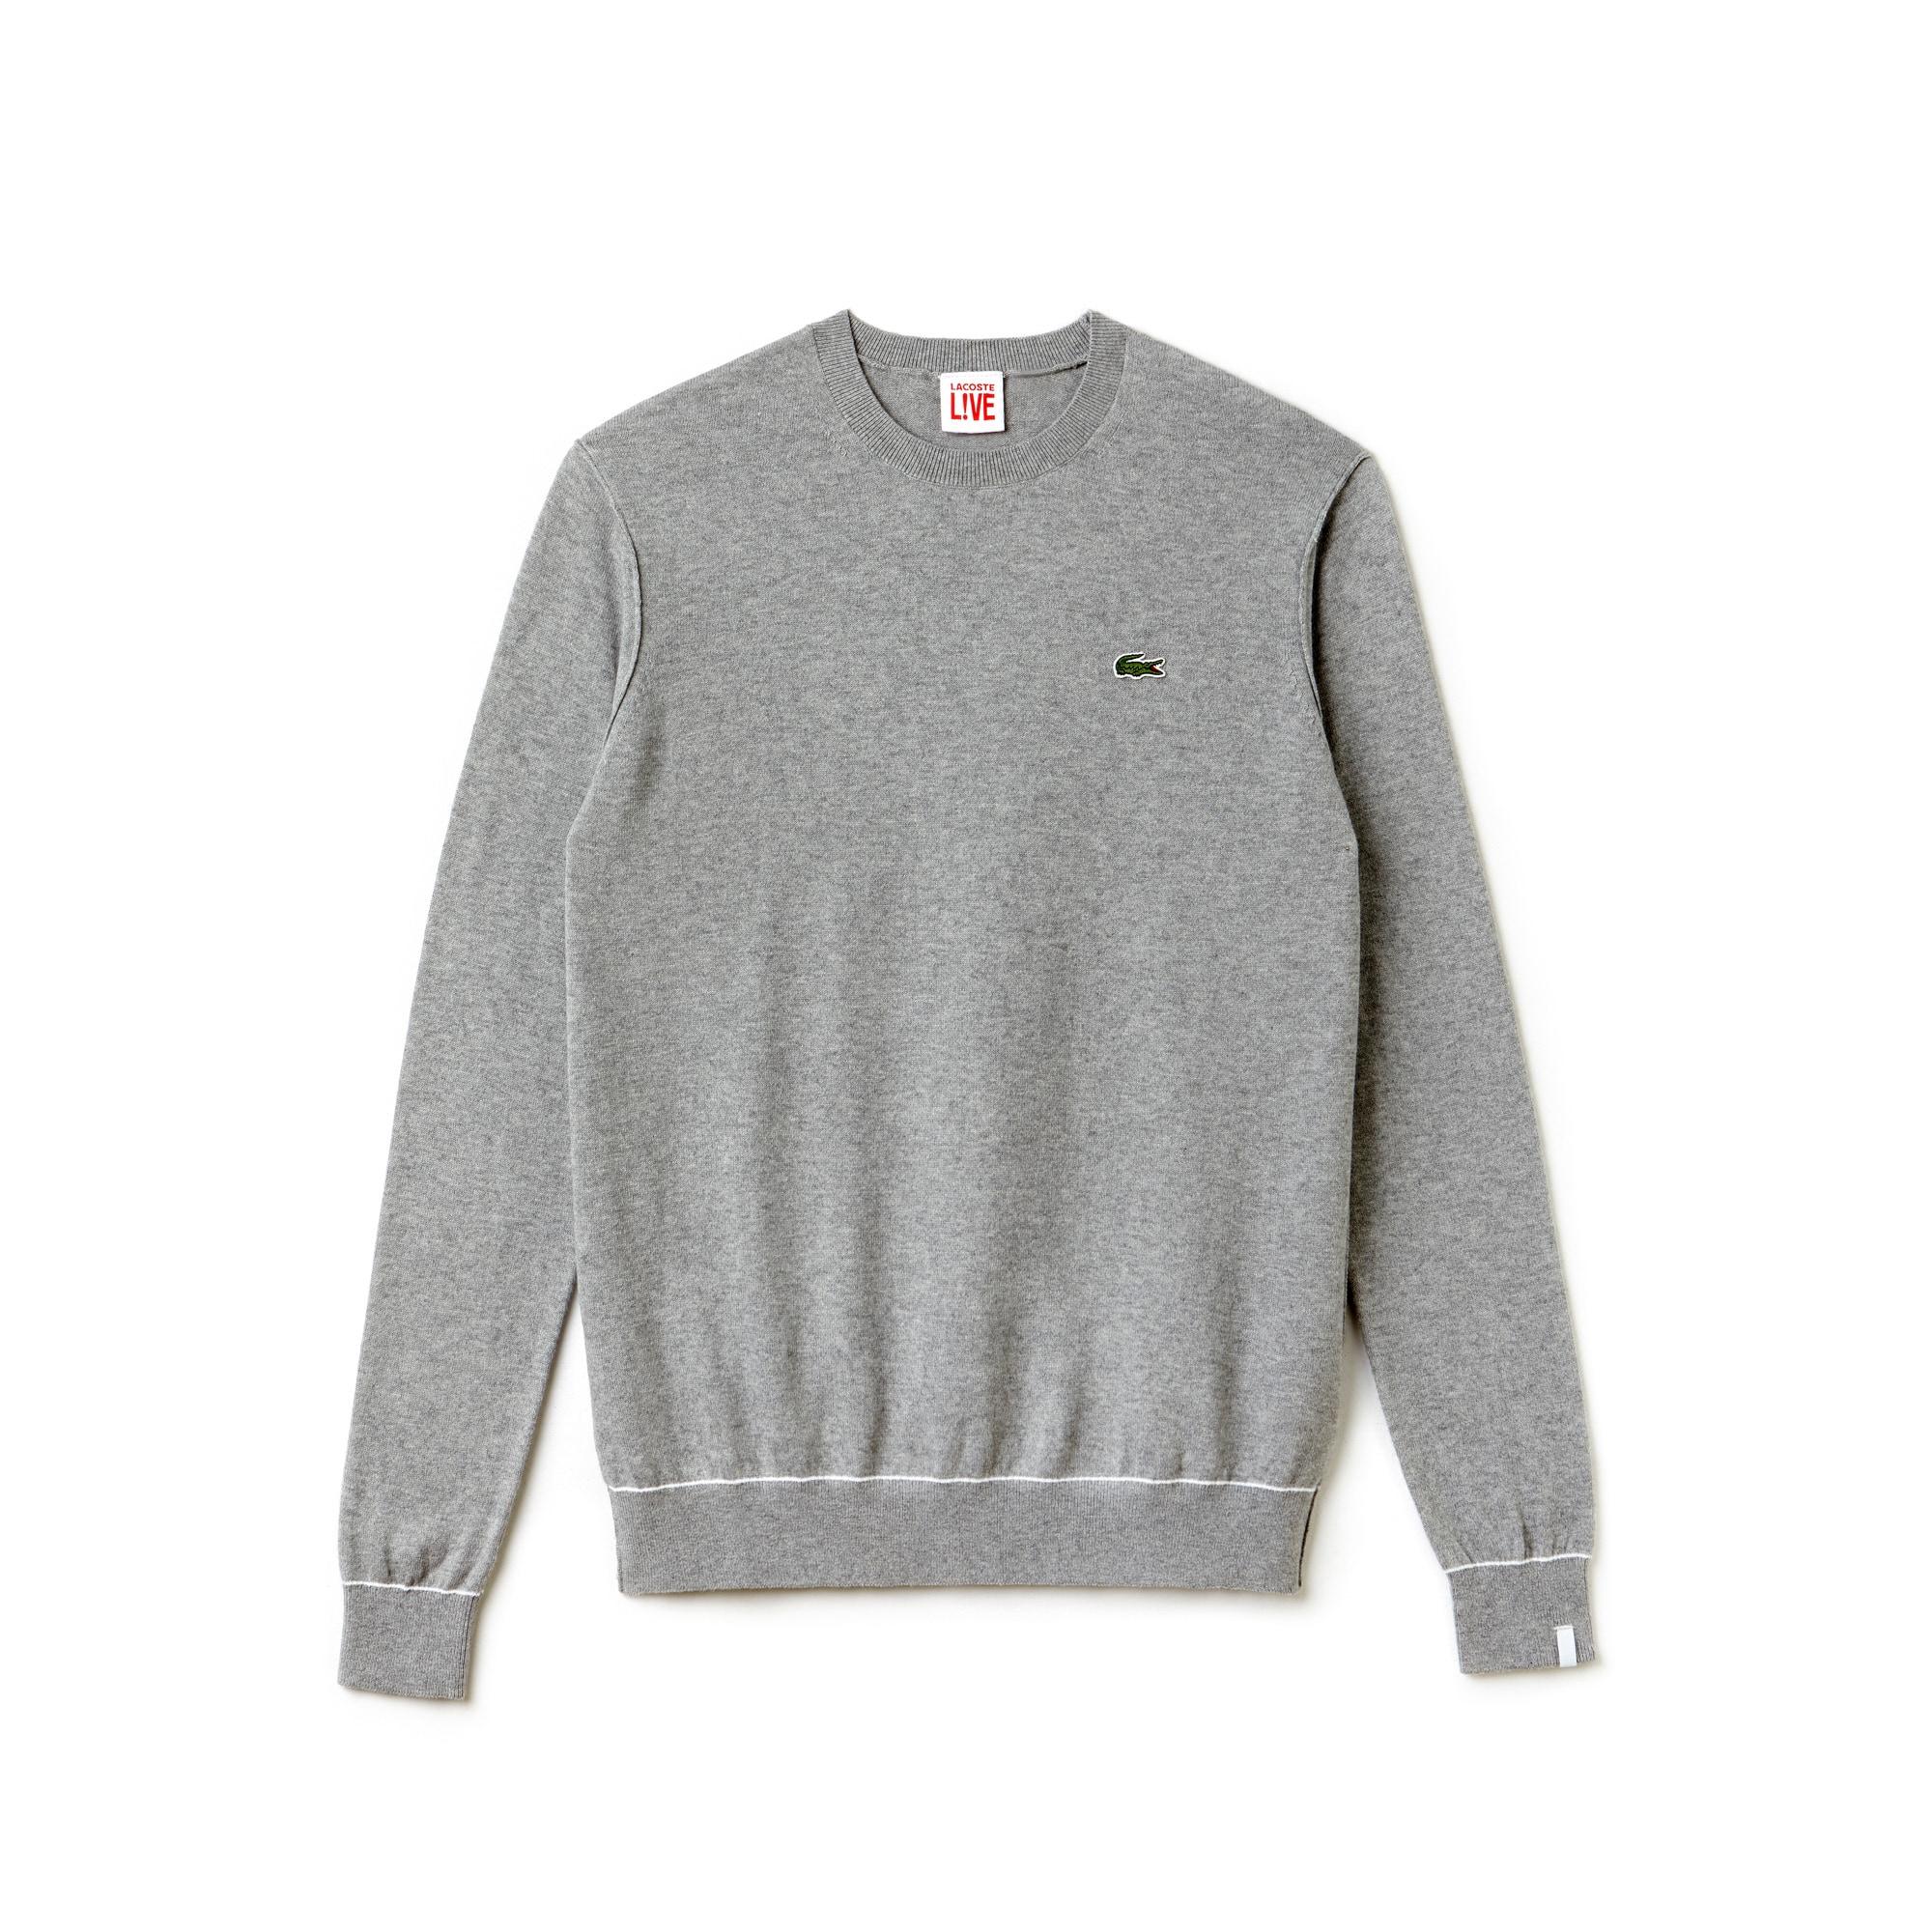 Pullover Lacoste LIVE in jersey di cotone e cachemire